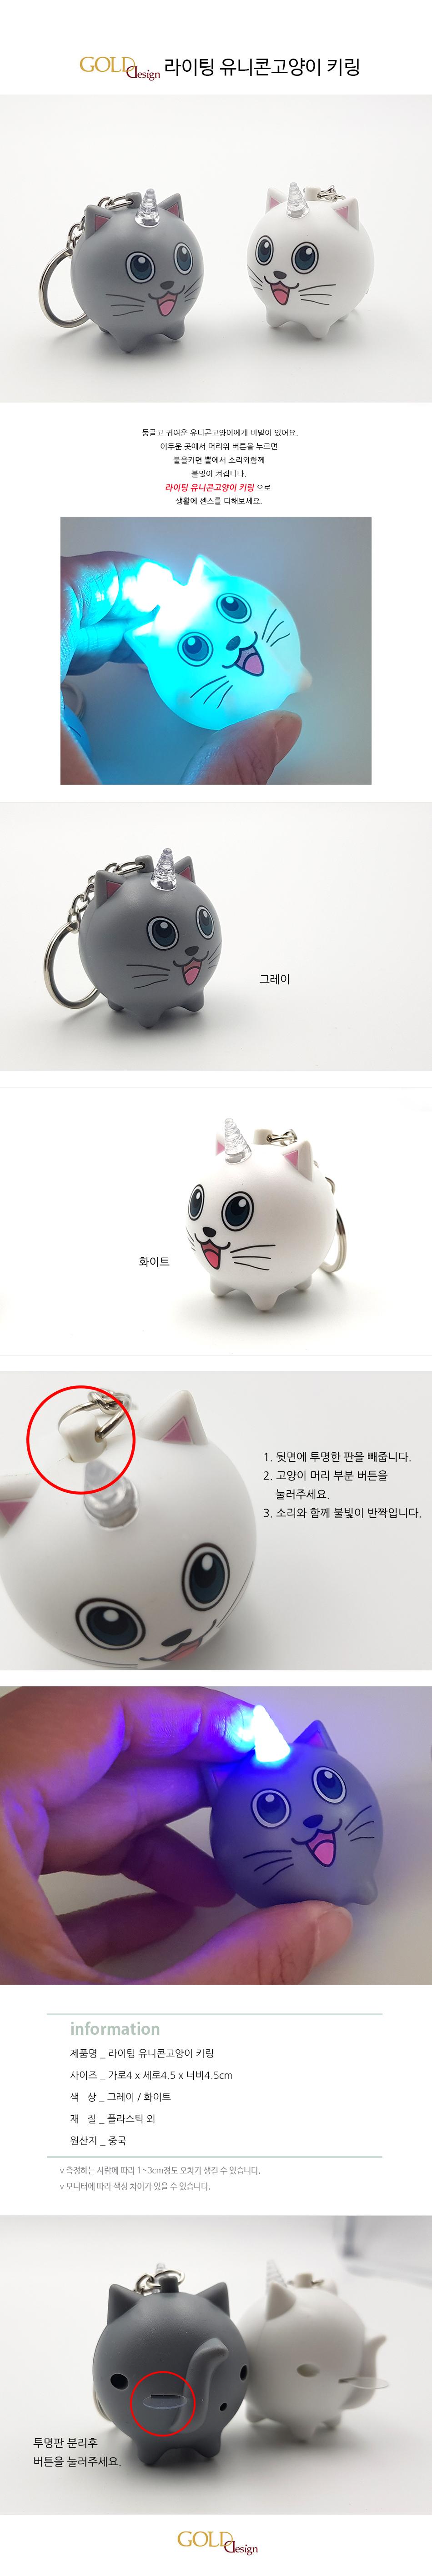 라이팅고양이 키링 - 골드디자인, 3,500원, 열쇠고리/키커버, 캐릭터